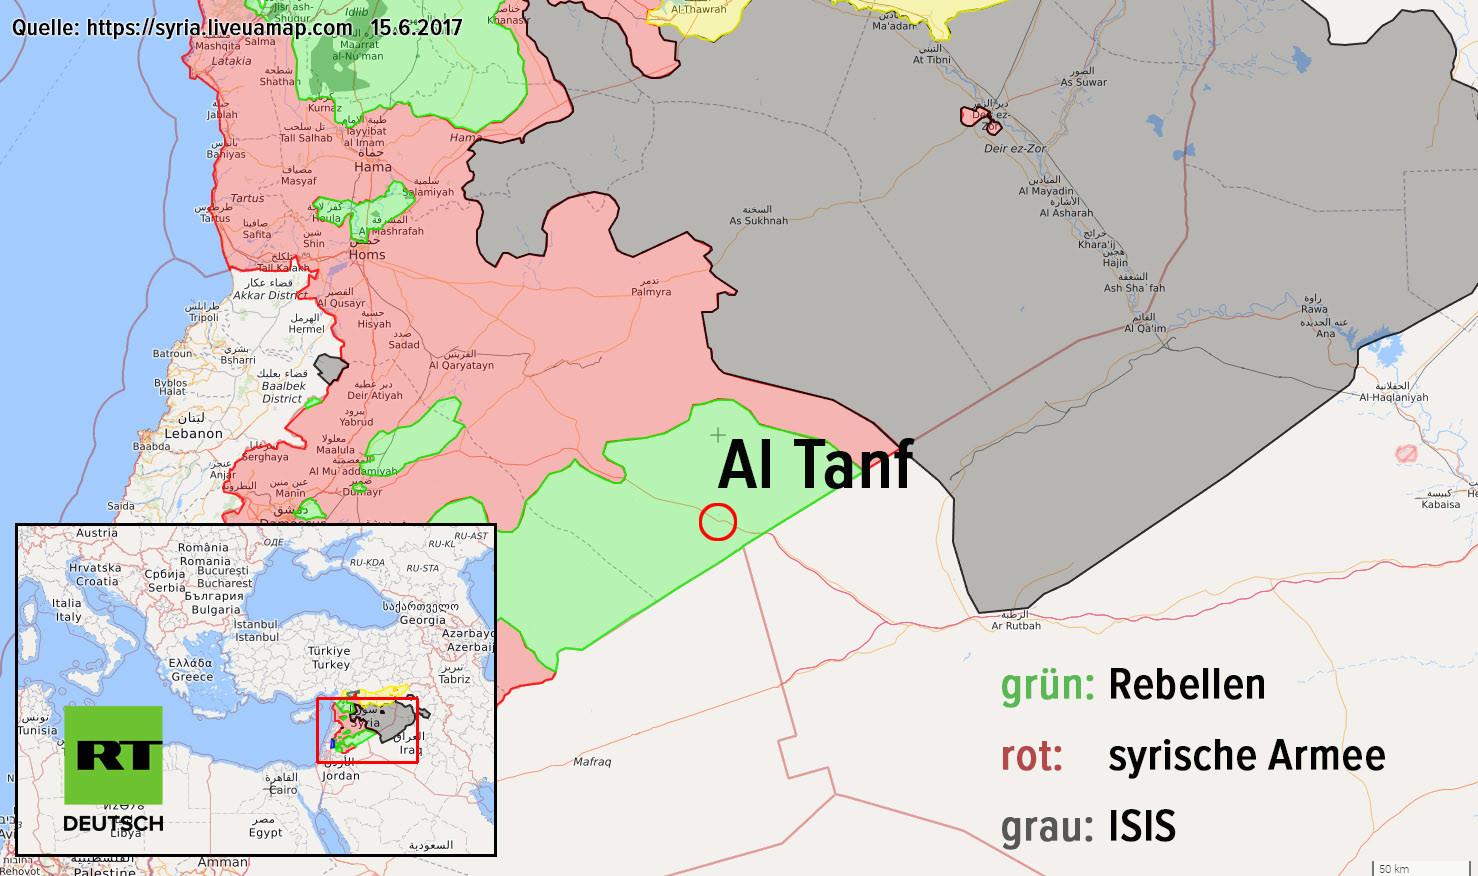 US-Koalition schießt erneut bewaffnete syrische Drohne unweit von US-Militärbasis in Südsyrien ab